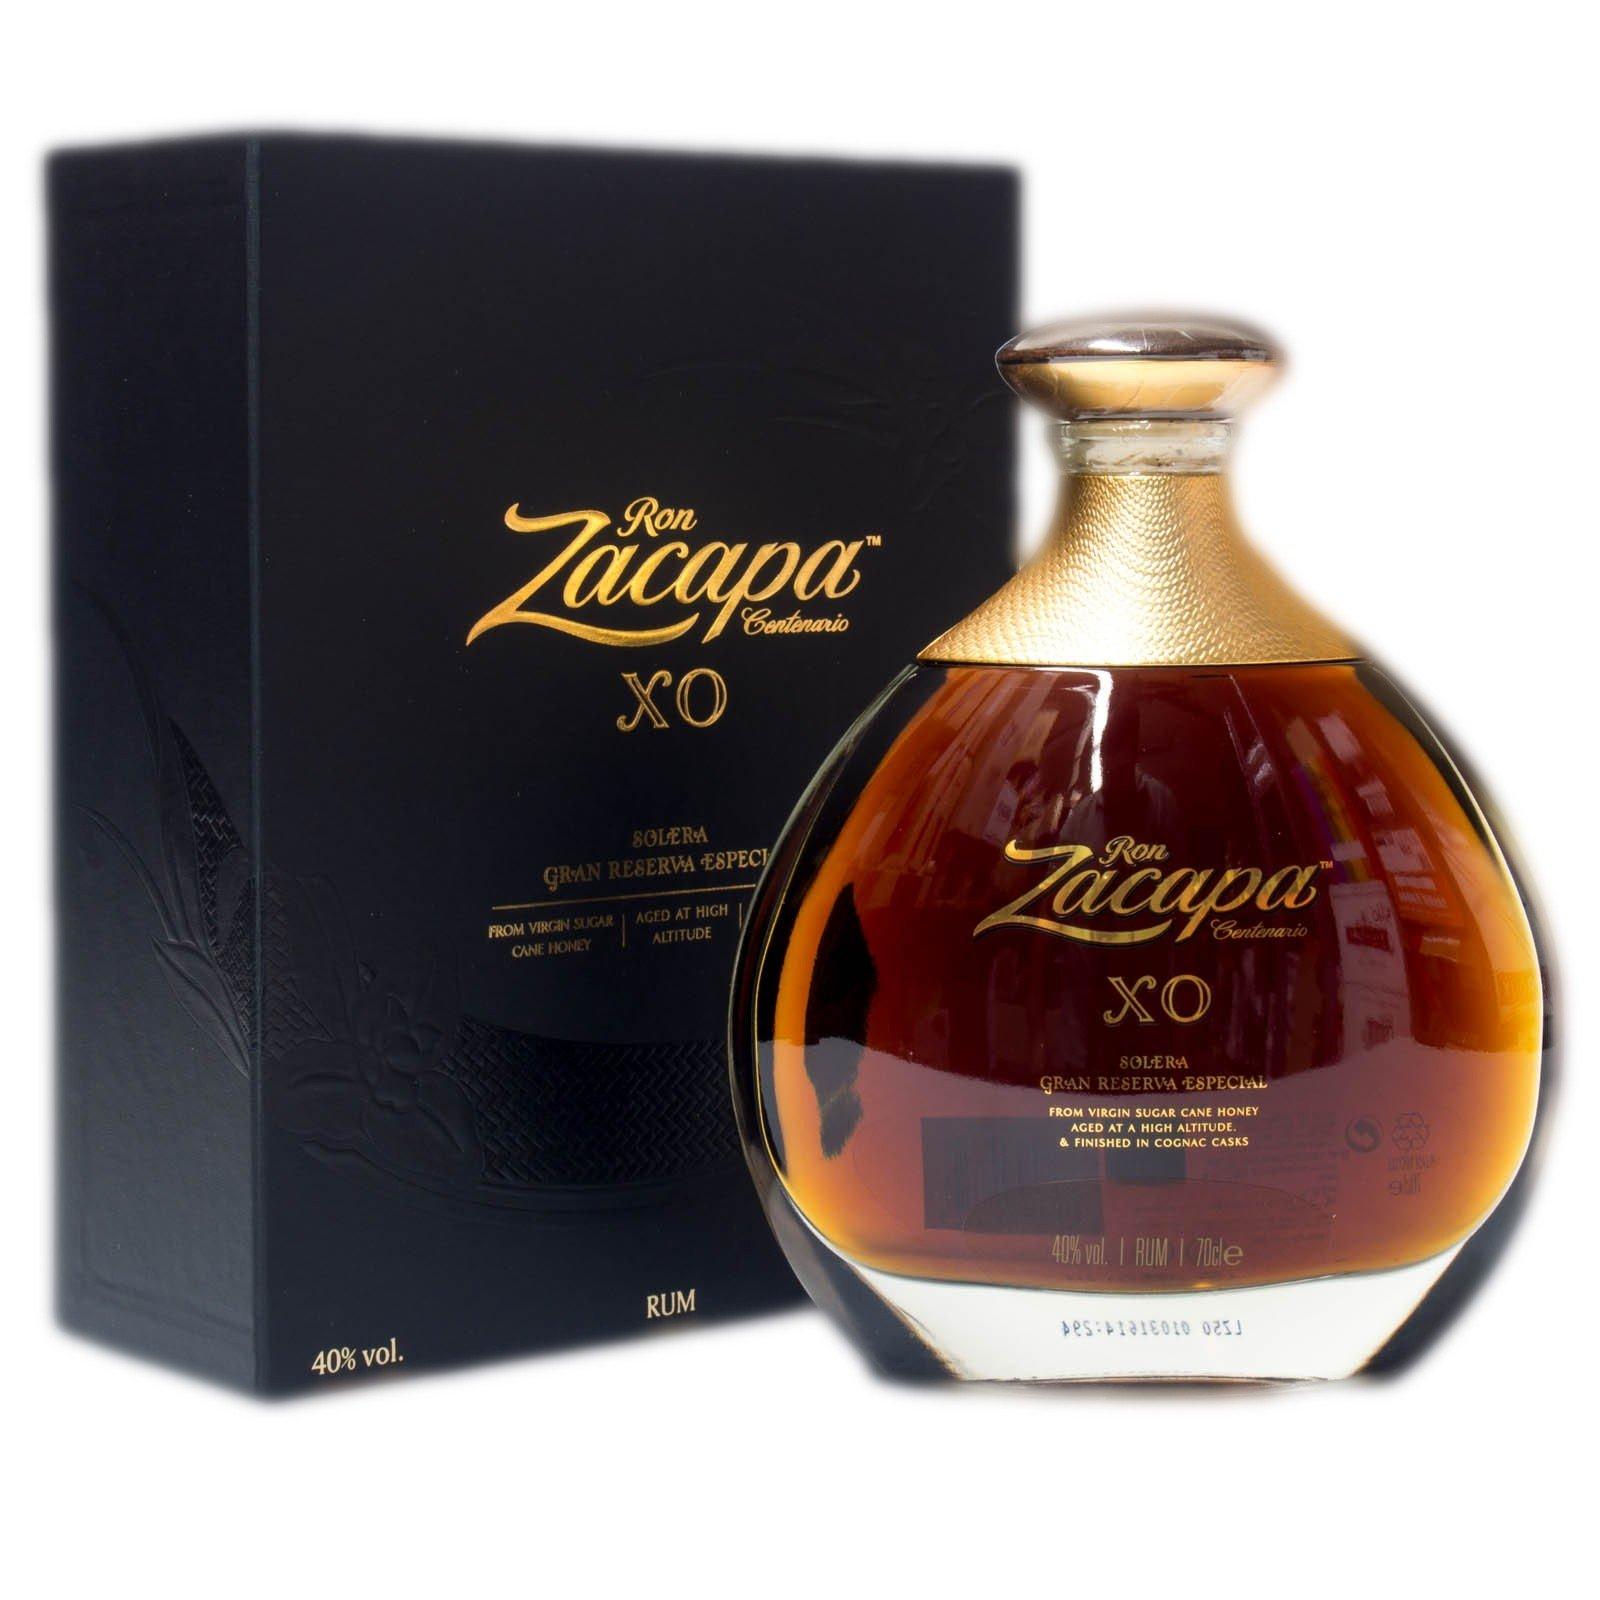 Ron Zacap XO Premium Rum der Extraklasse -> 77,89€, ab Mindestbestellwert von 150€ -> 71,99€, mit Zahlung über Verimi -> 67,89€